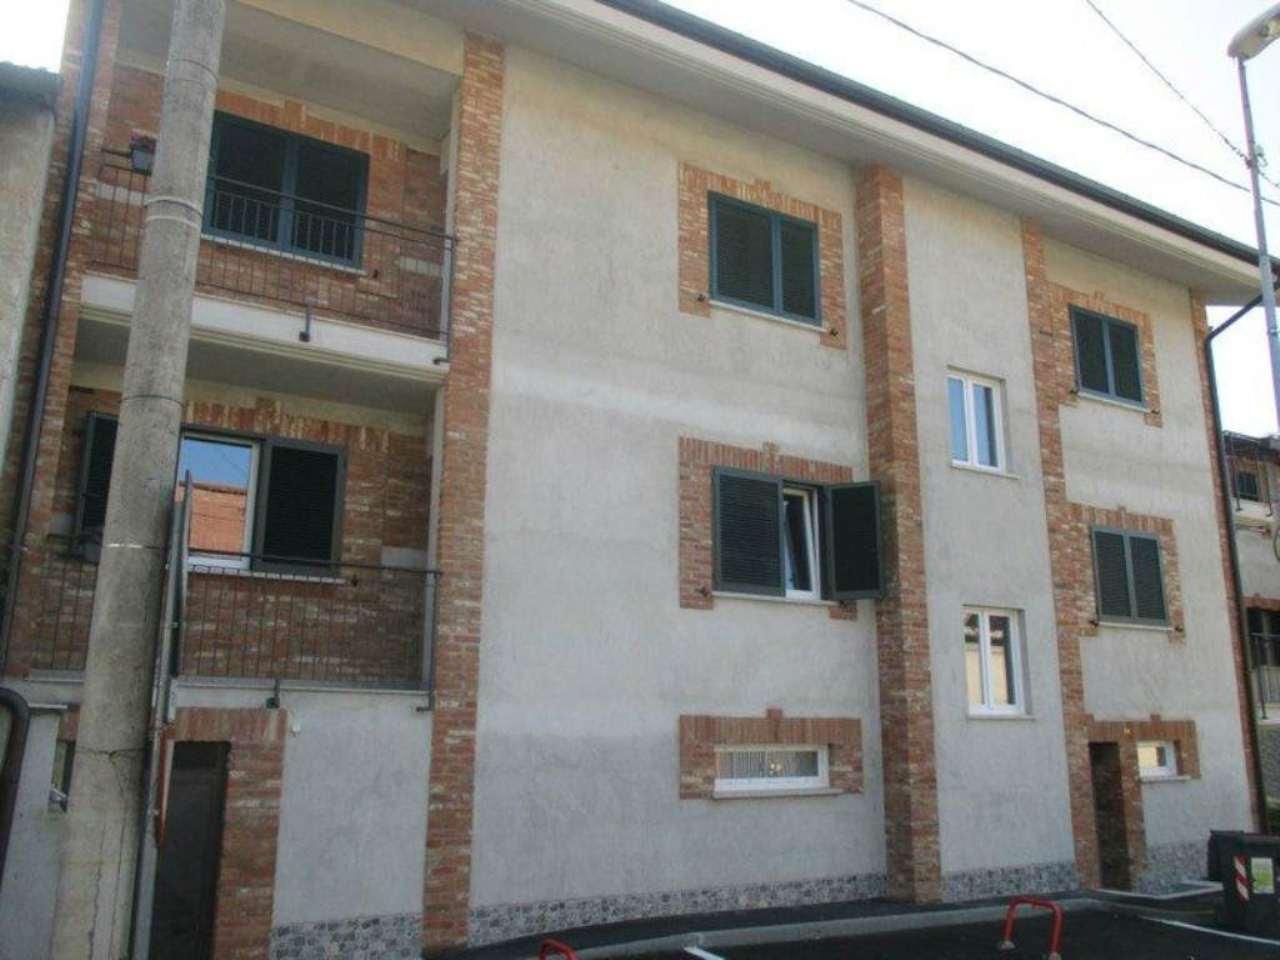 Appartamento in vendita a Foglizzo, 2 locali, prezzo € 80.000 | Cambio Casa.it